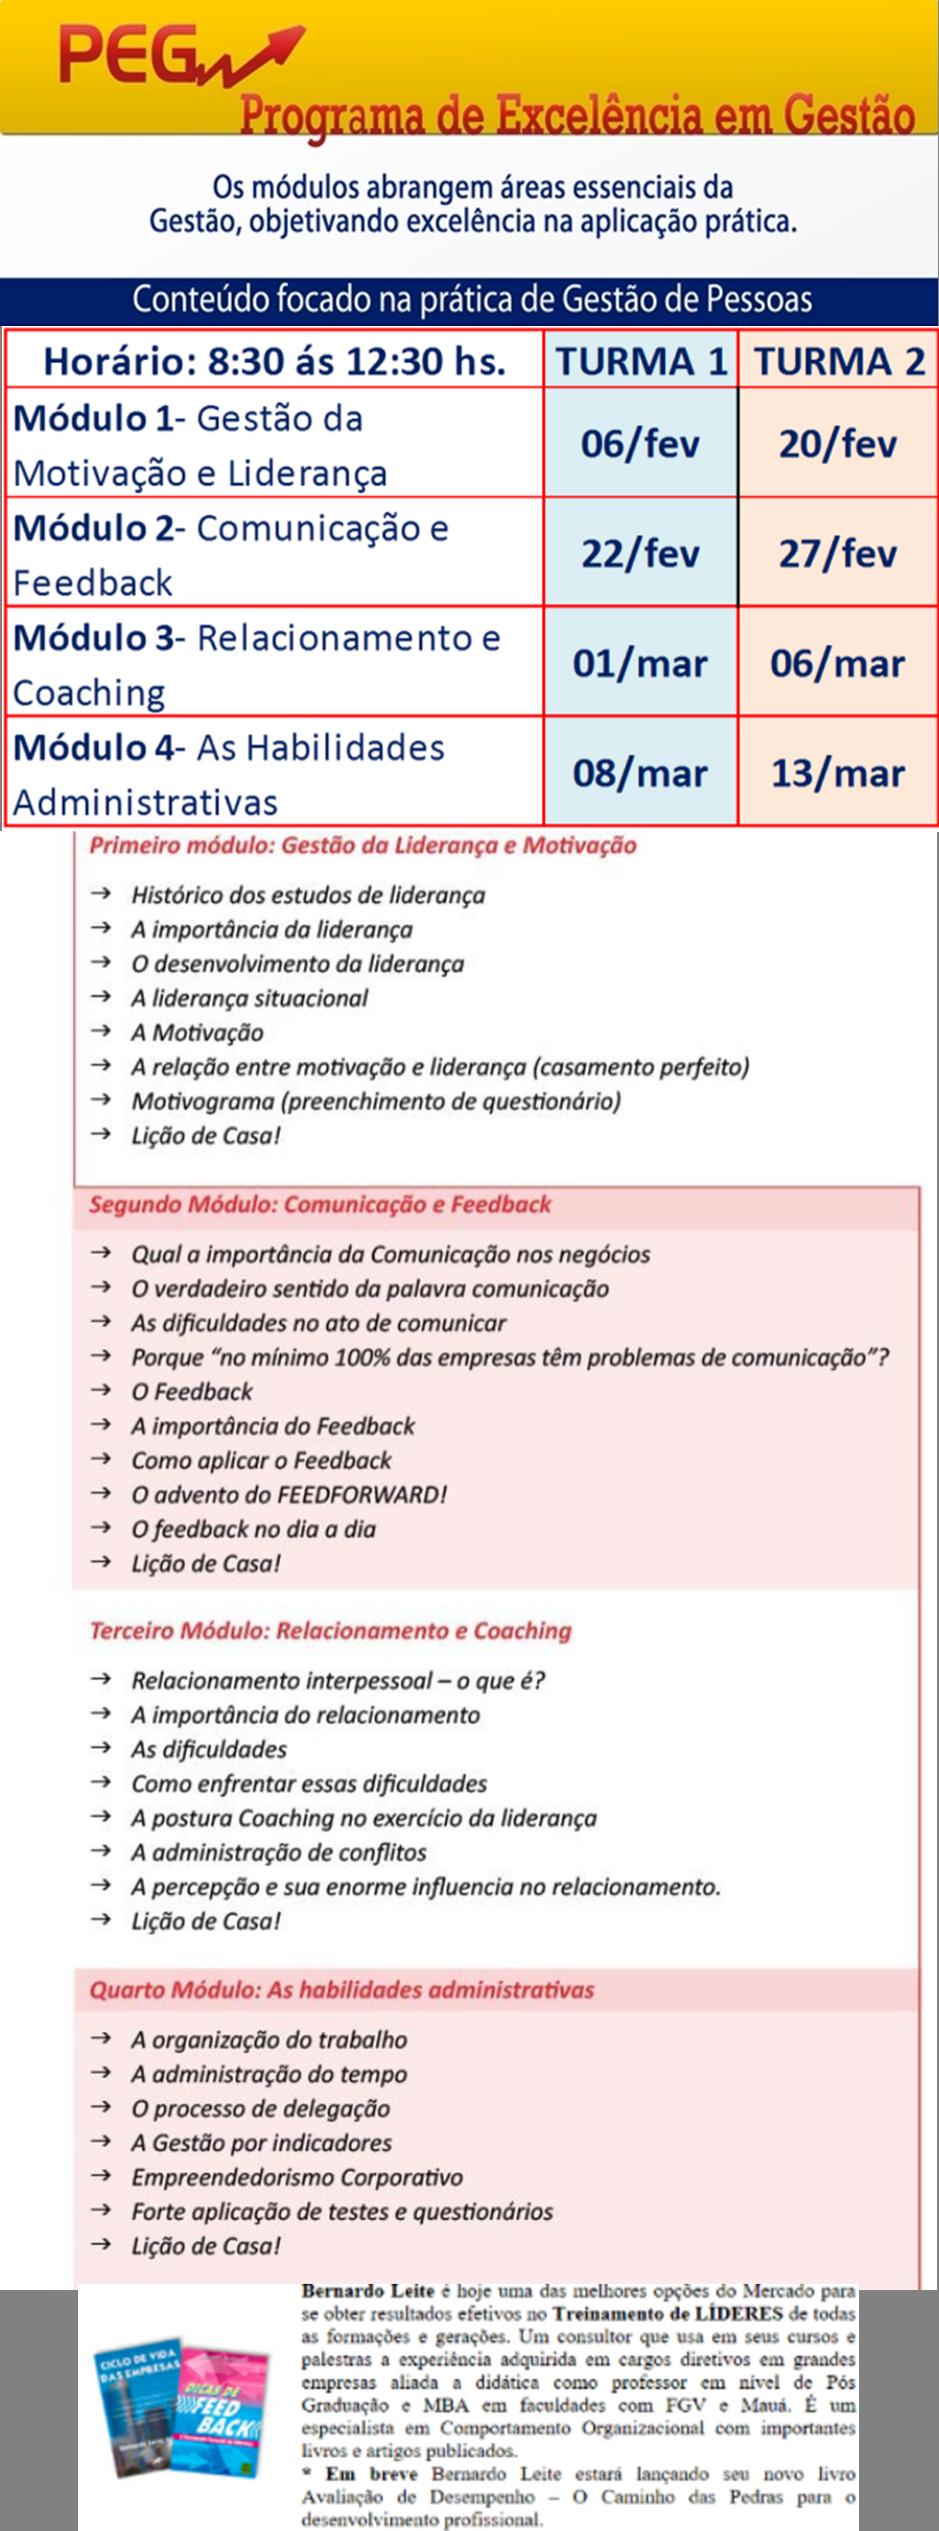 PROGRAMA DE EXCELÊNCIA EM GESTÃO